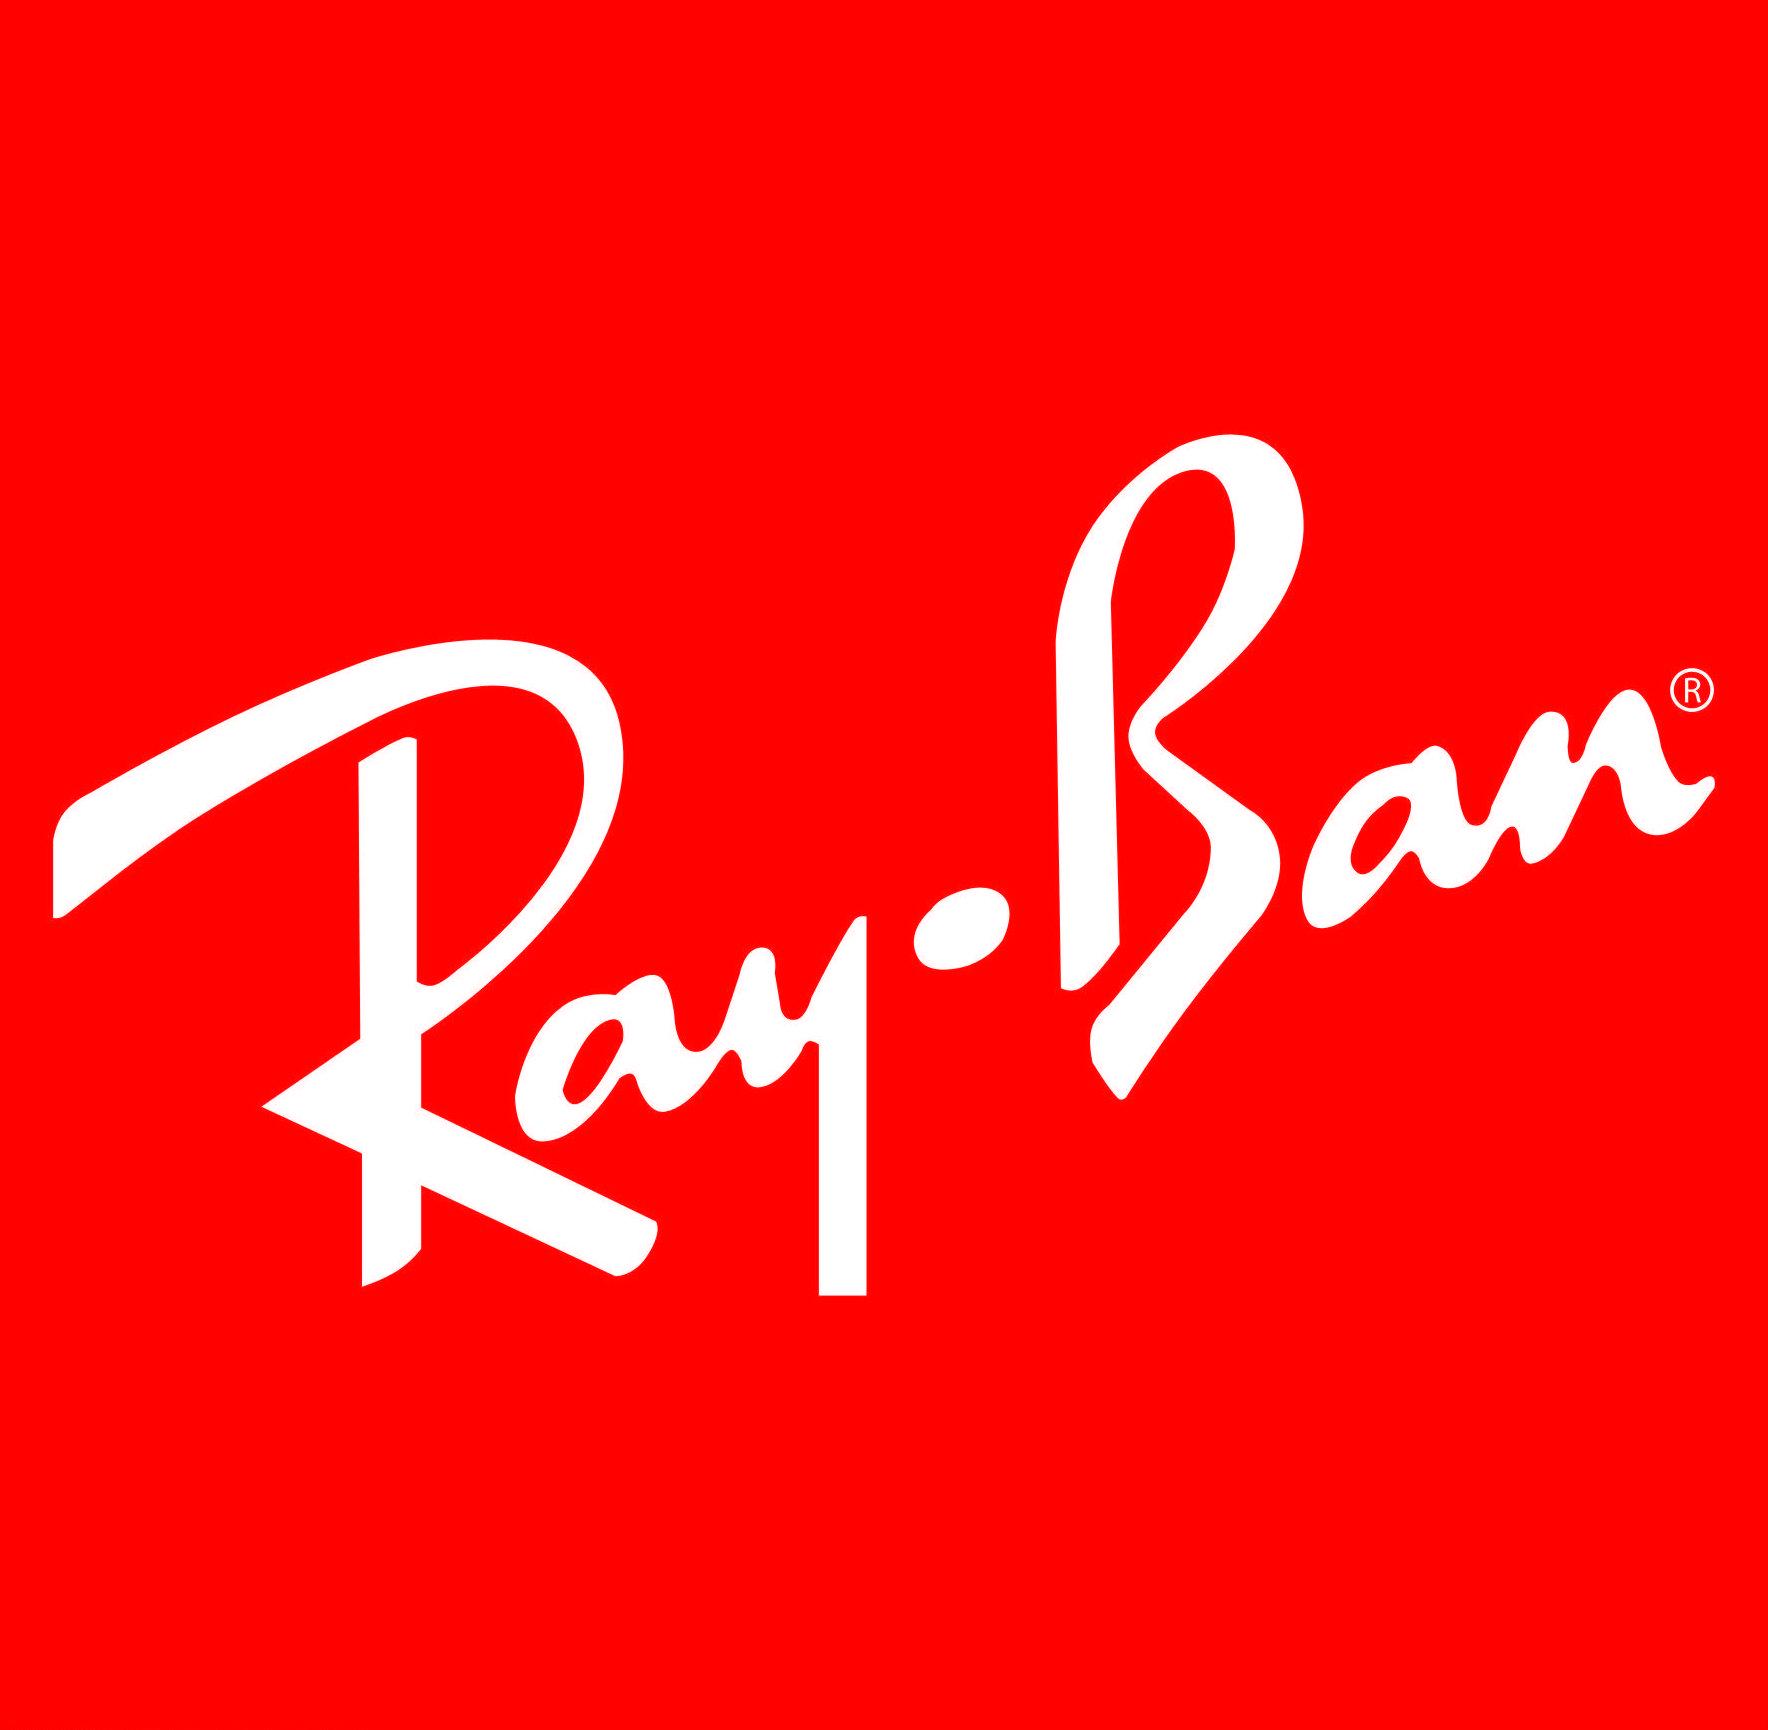 Holiday Ray-Ban sunglasses via Facebook